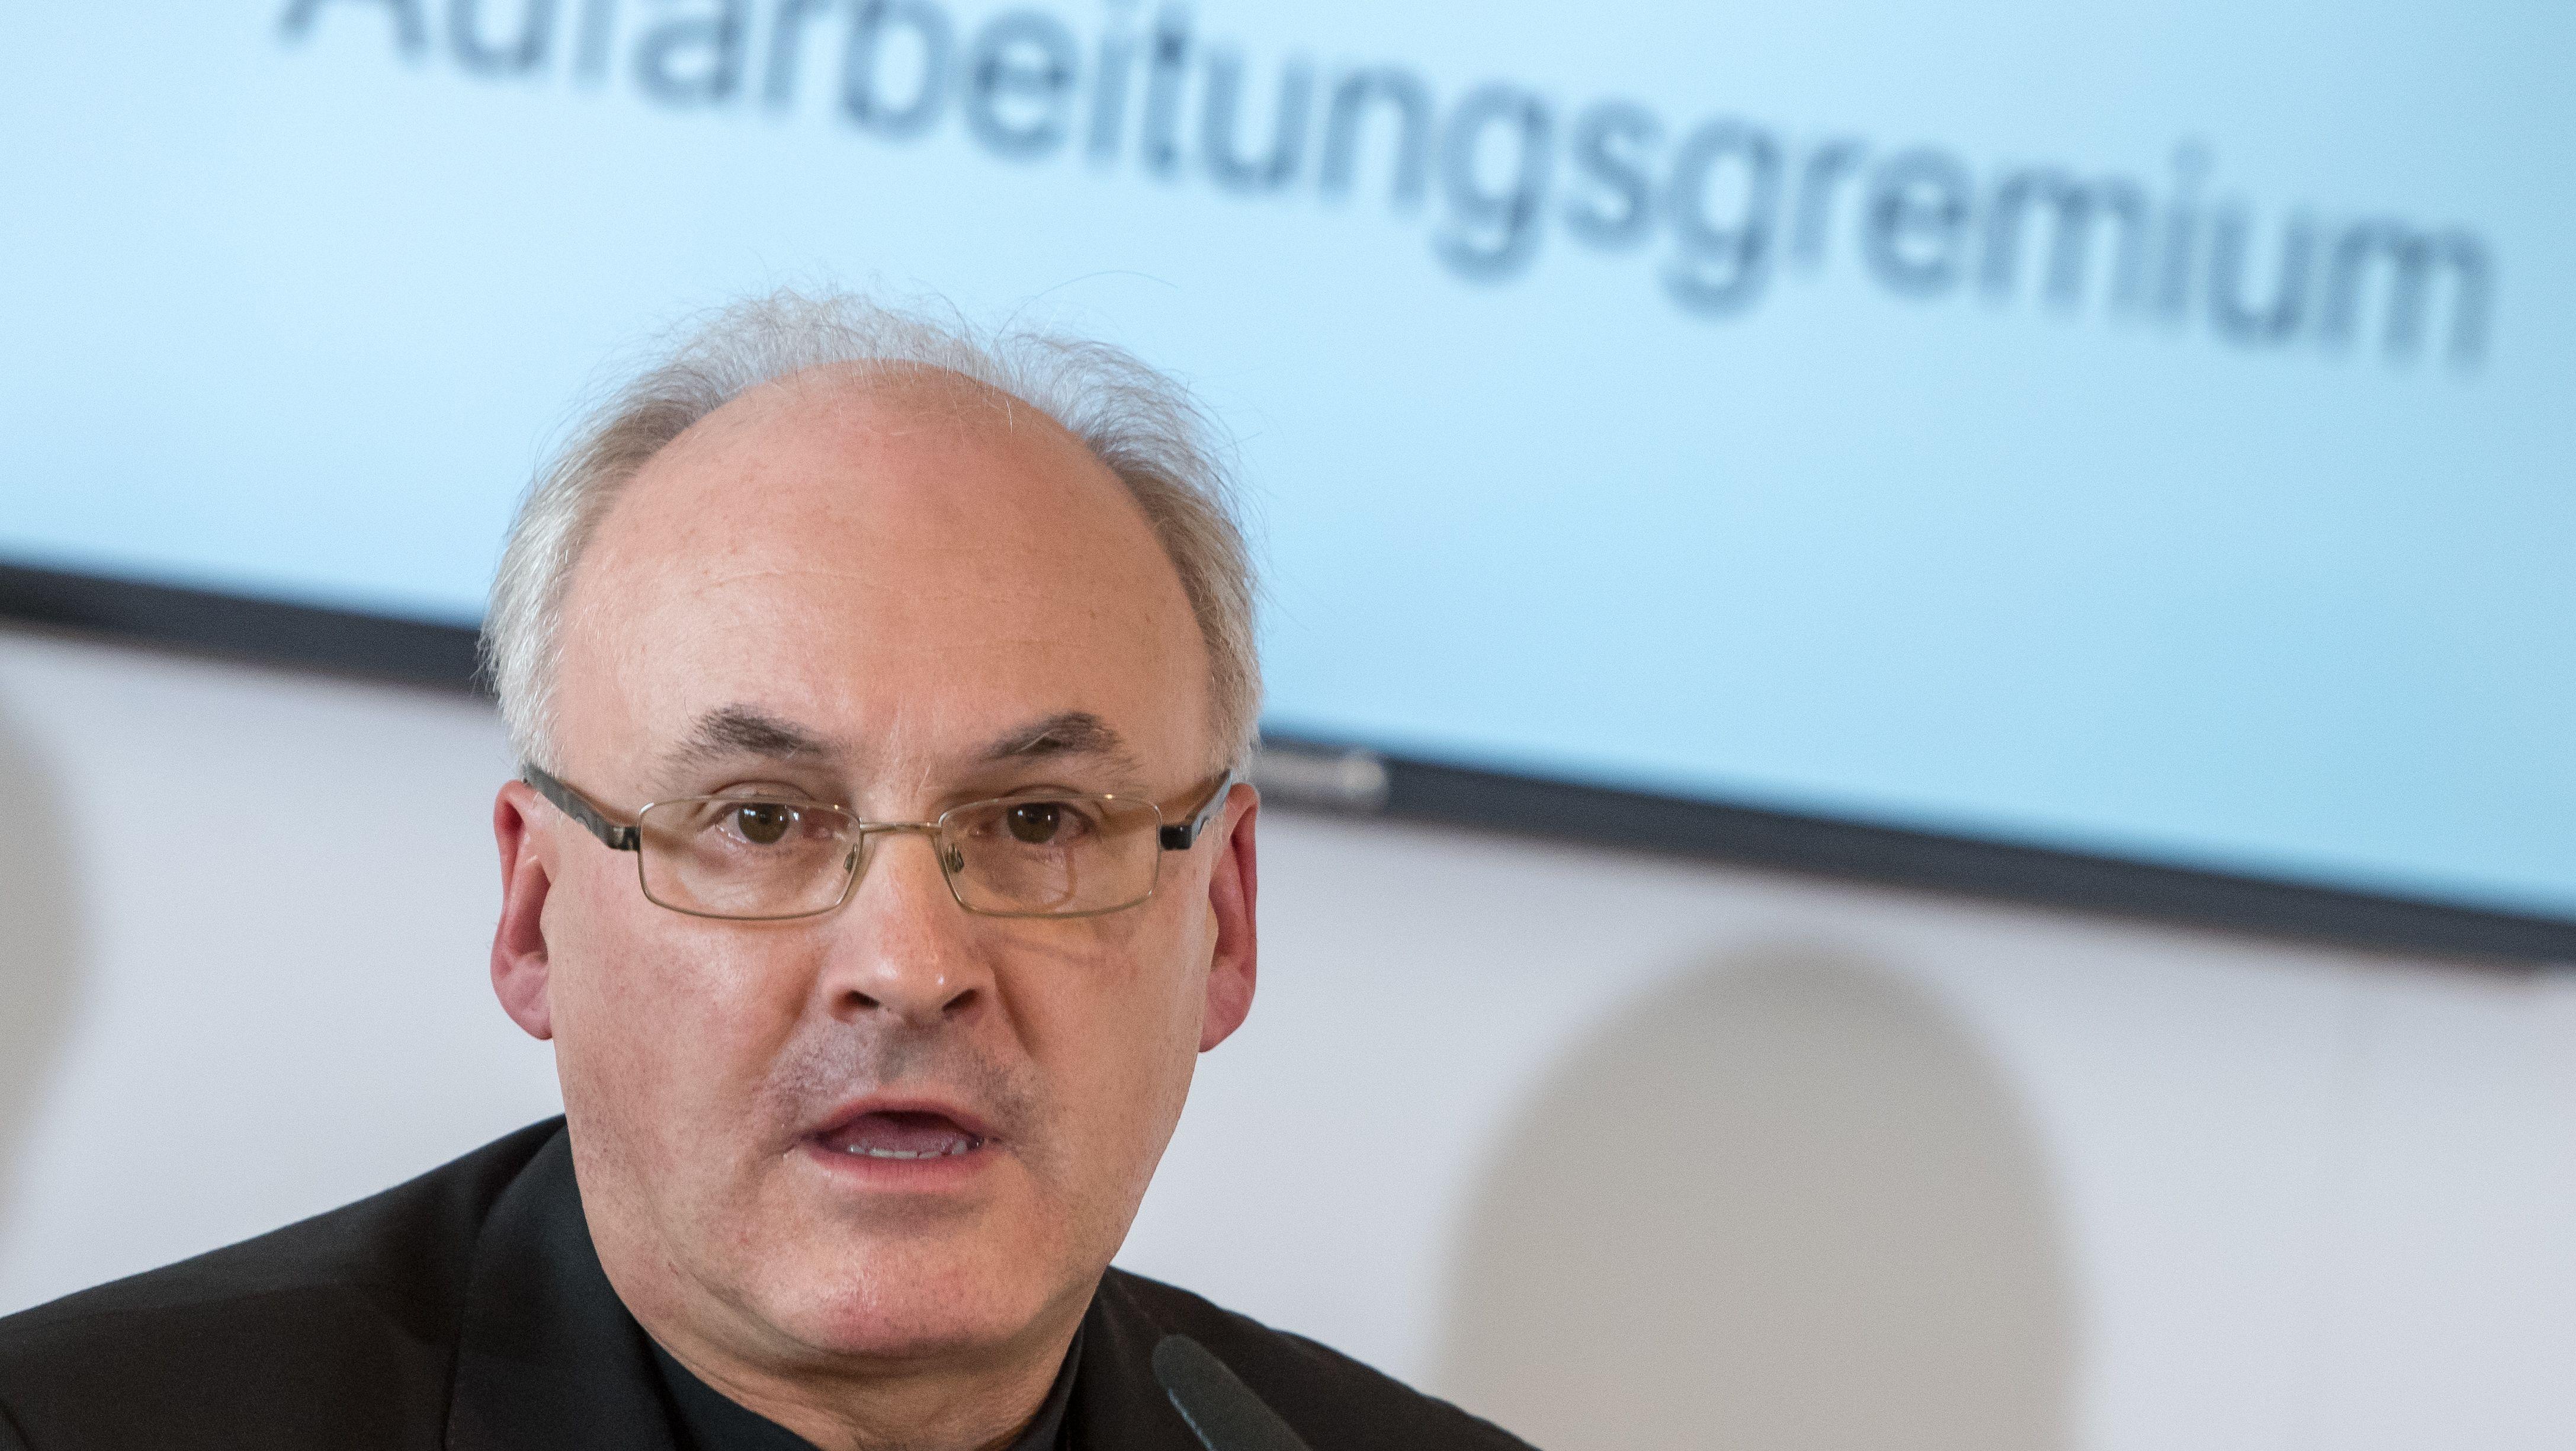 Im Vordergrund: Bischof Voderholzer, im Hintergrund eine Projektion auf einer Leinwand